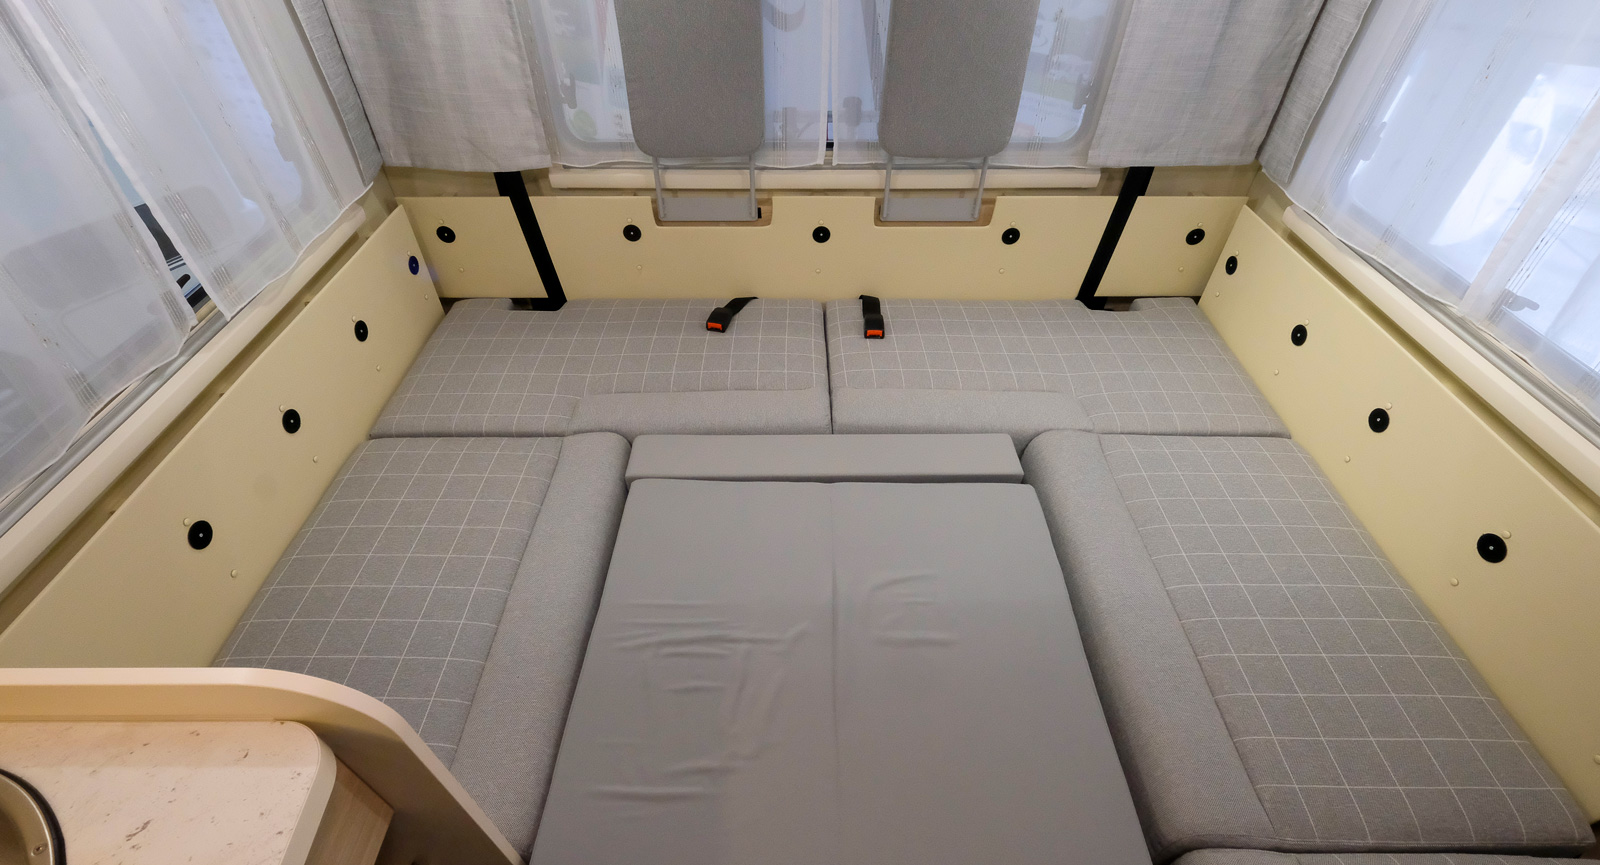 U-soffan kan förutom att användas som vilsoffa även bäddas till en stor gästsäng när bordet fälls ner och kuddar läggs ut.